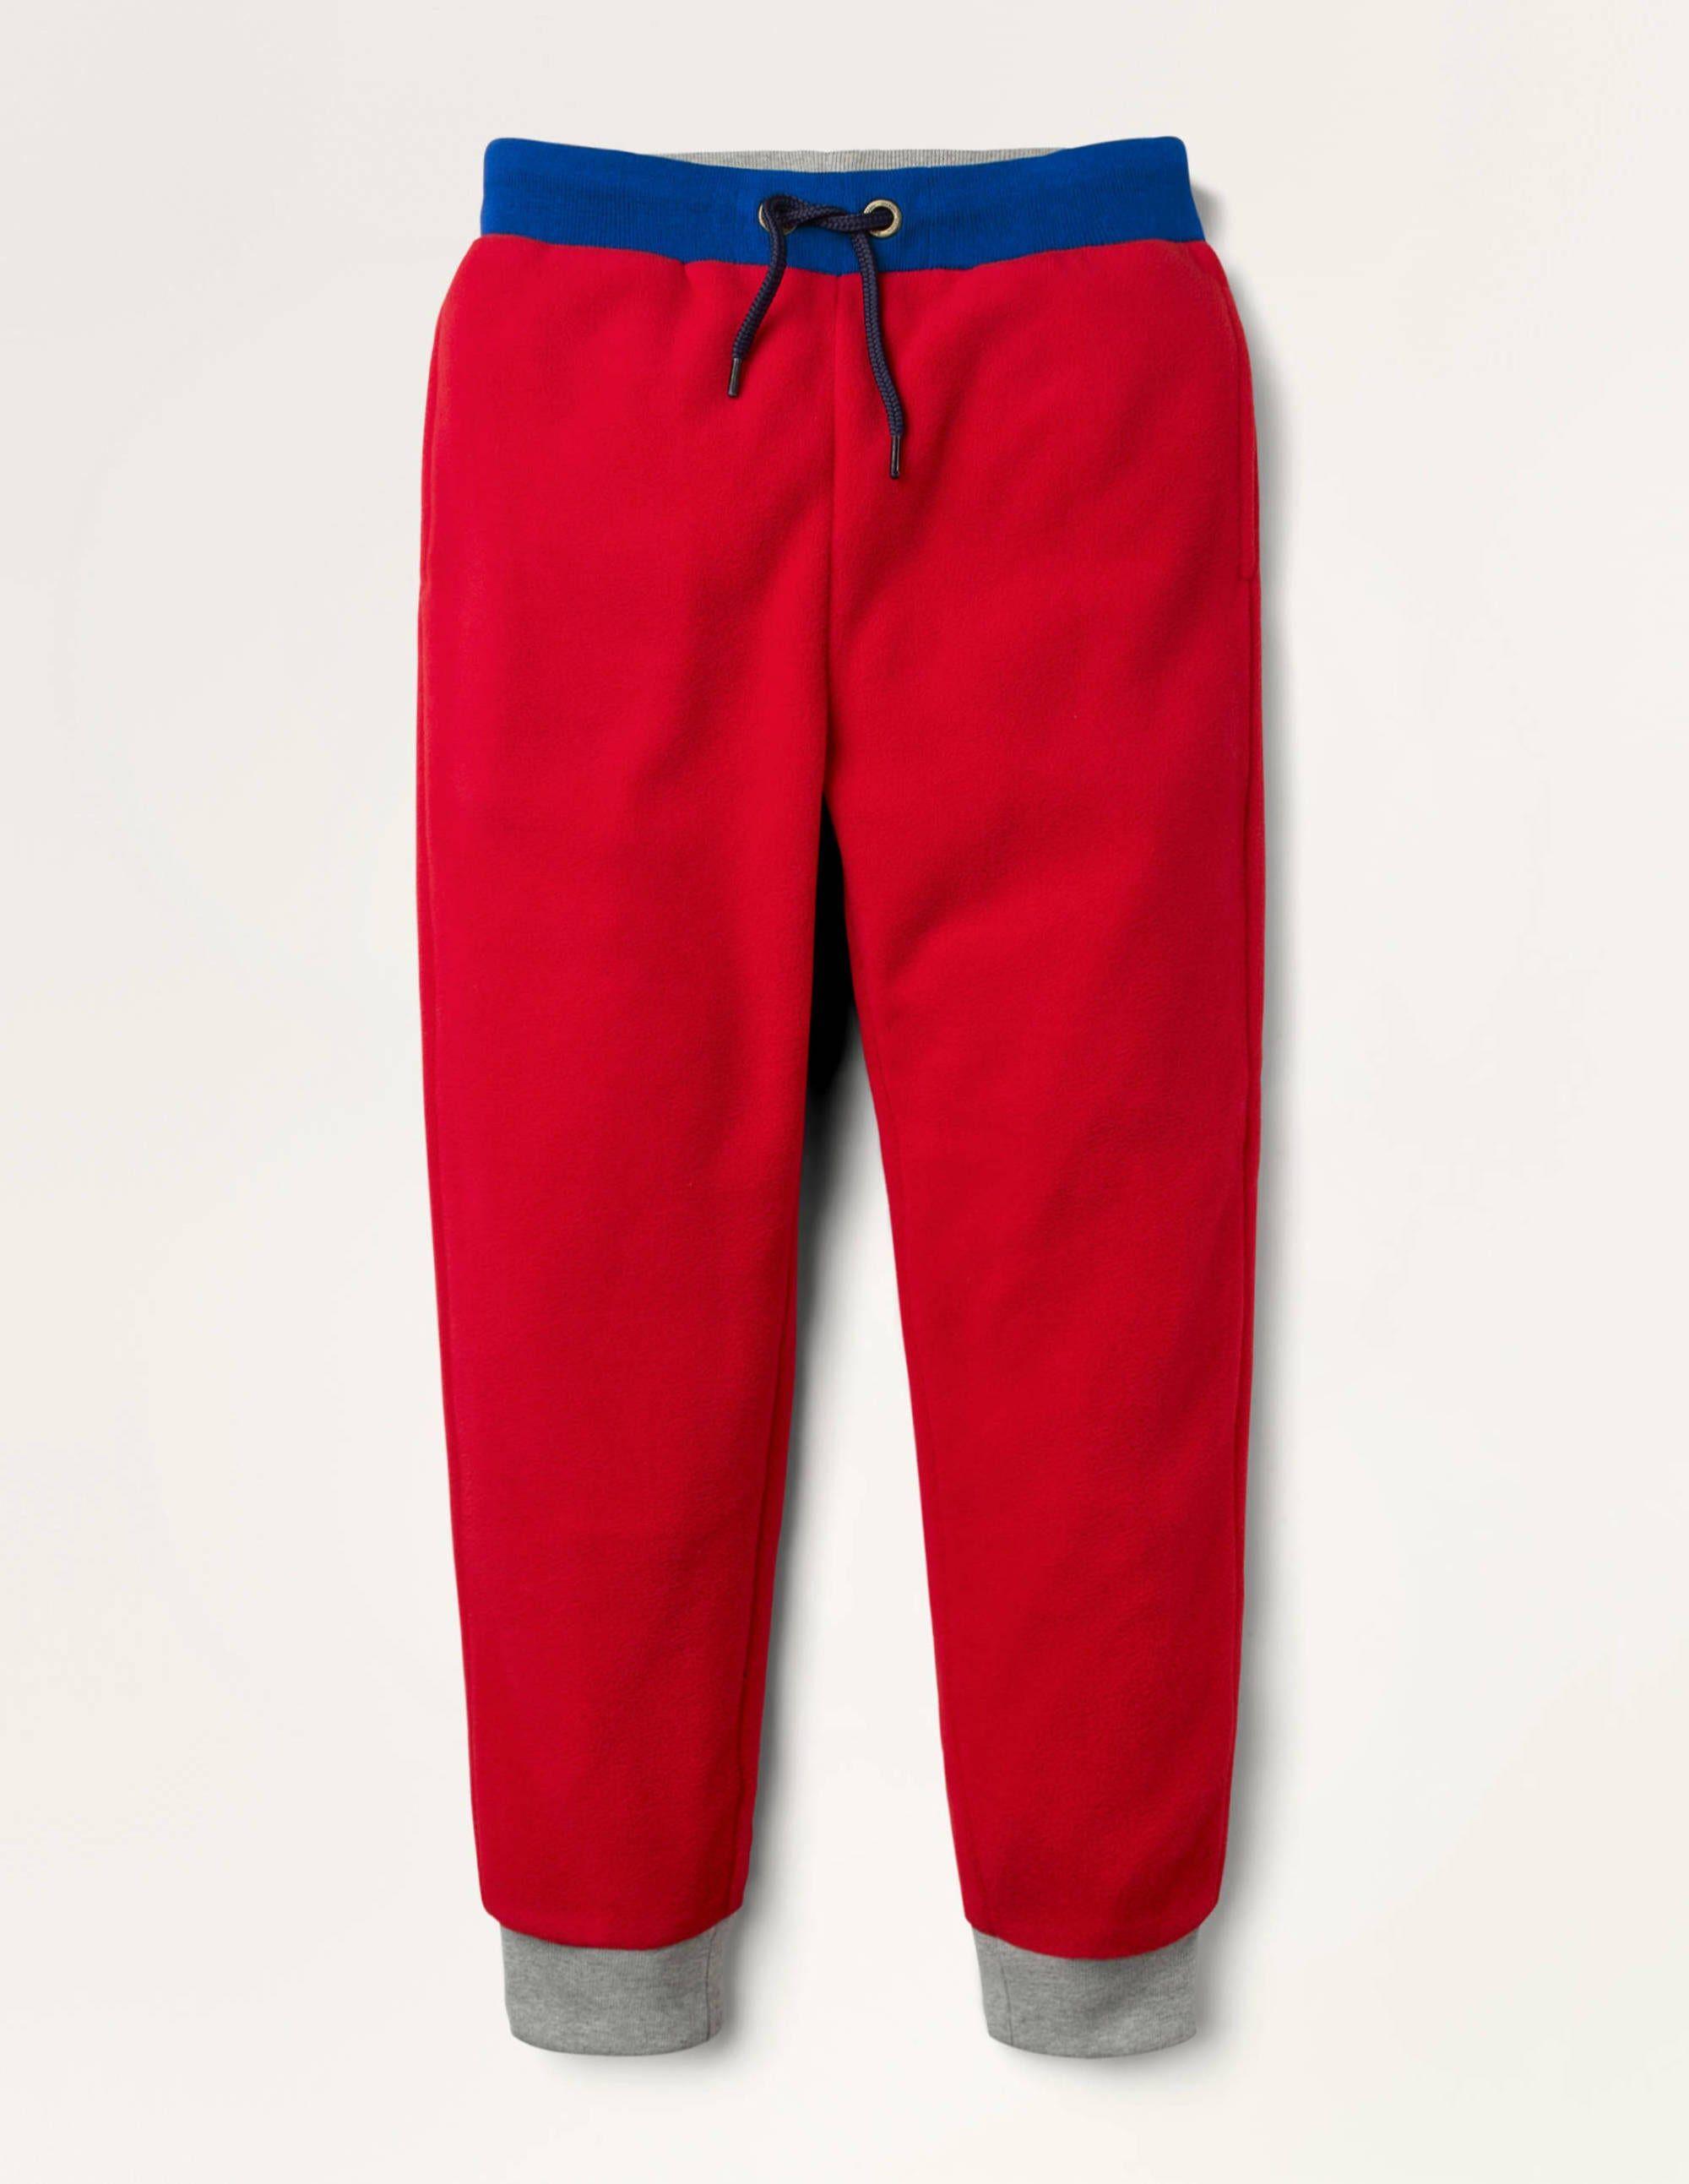 Mini Bas de jogging en micro-polaire RED Garçon Boden, Red - 4a